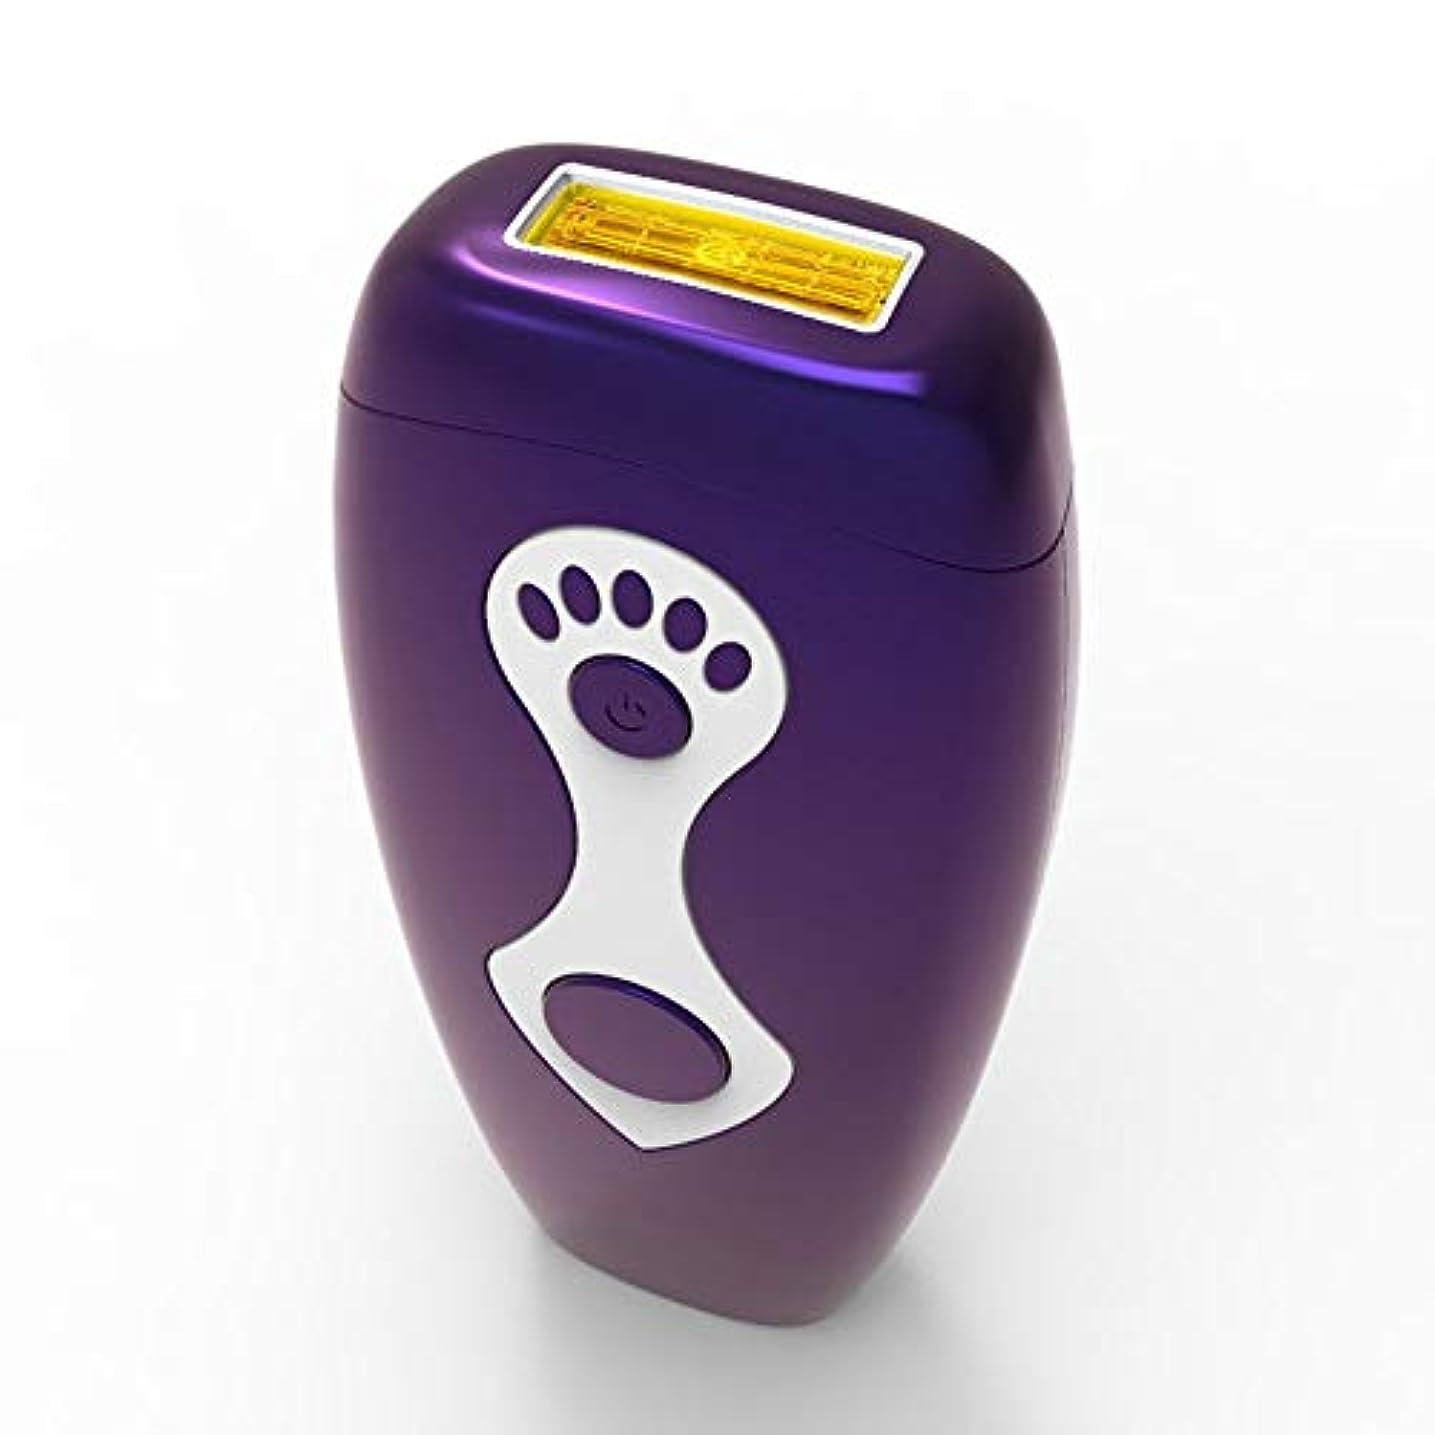 永続同一の削除するパーマネント脱毛、家庭用ニュートラルヘアリムーバー、柔らかい肌、マルチ運動エネルギー、安全性、グレード5無料調整、サイズ7.5×16.5 Cm 快適な脱毛 (Color : Purple)